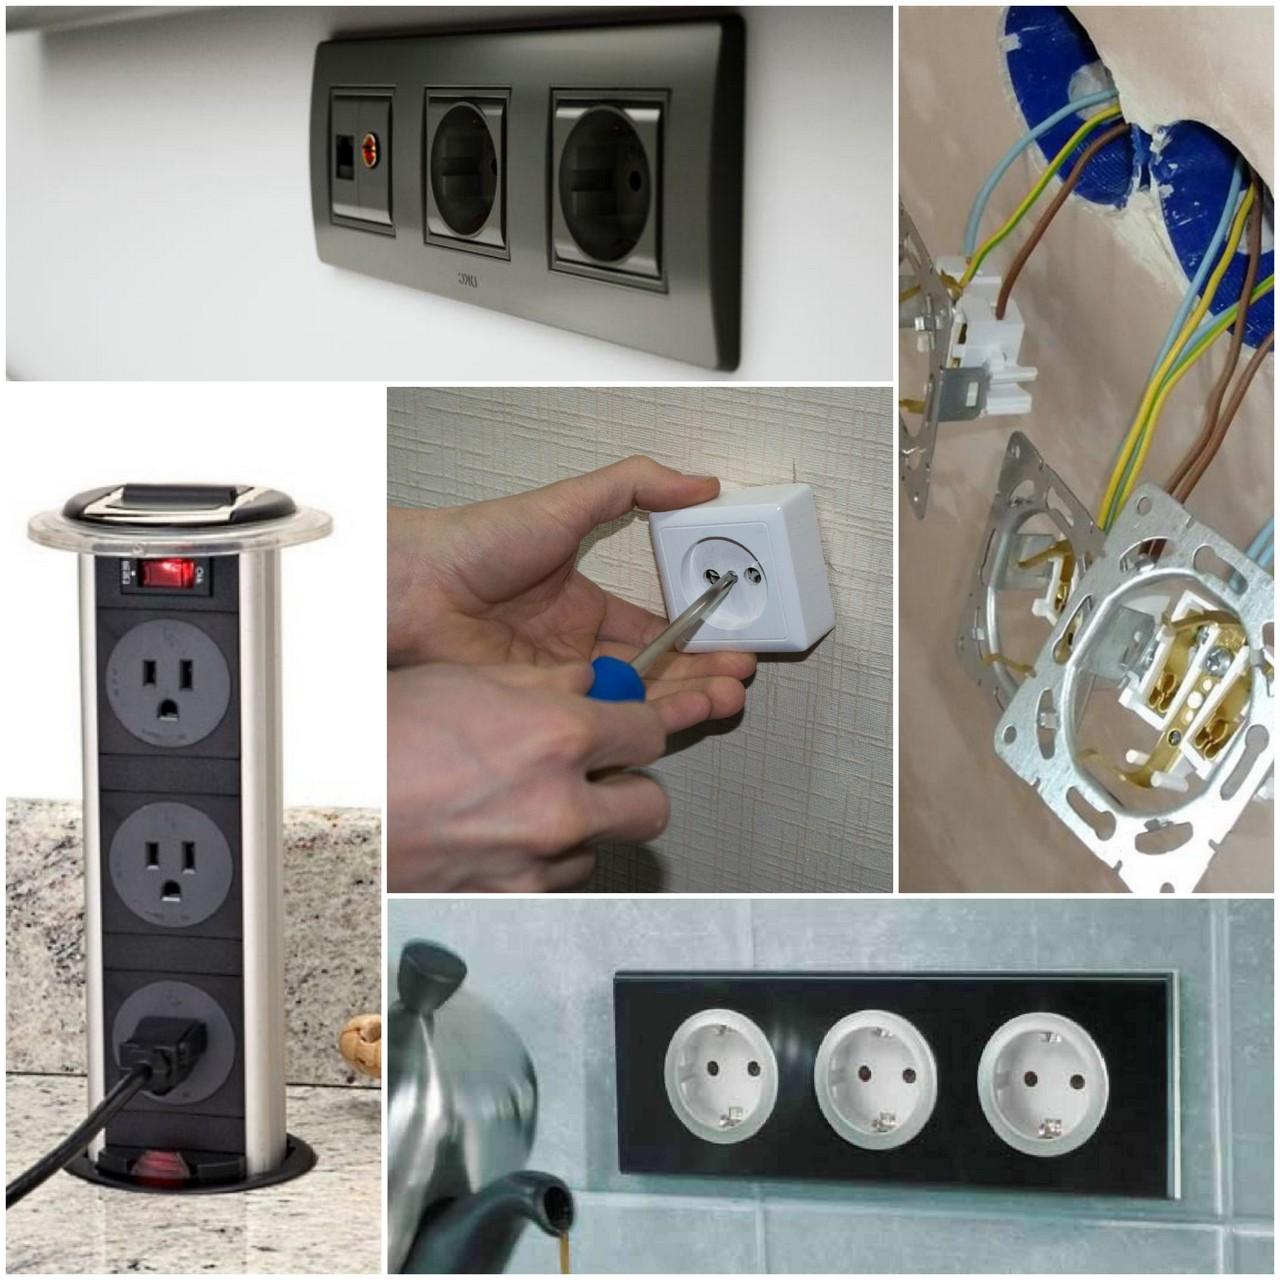 Правильное размещение розеток и электропроводки.jpg